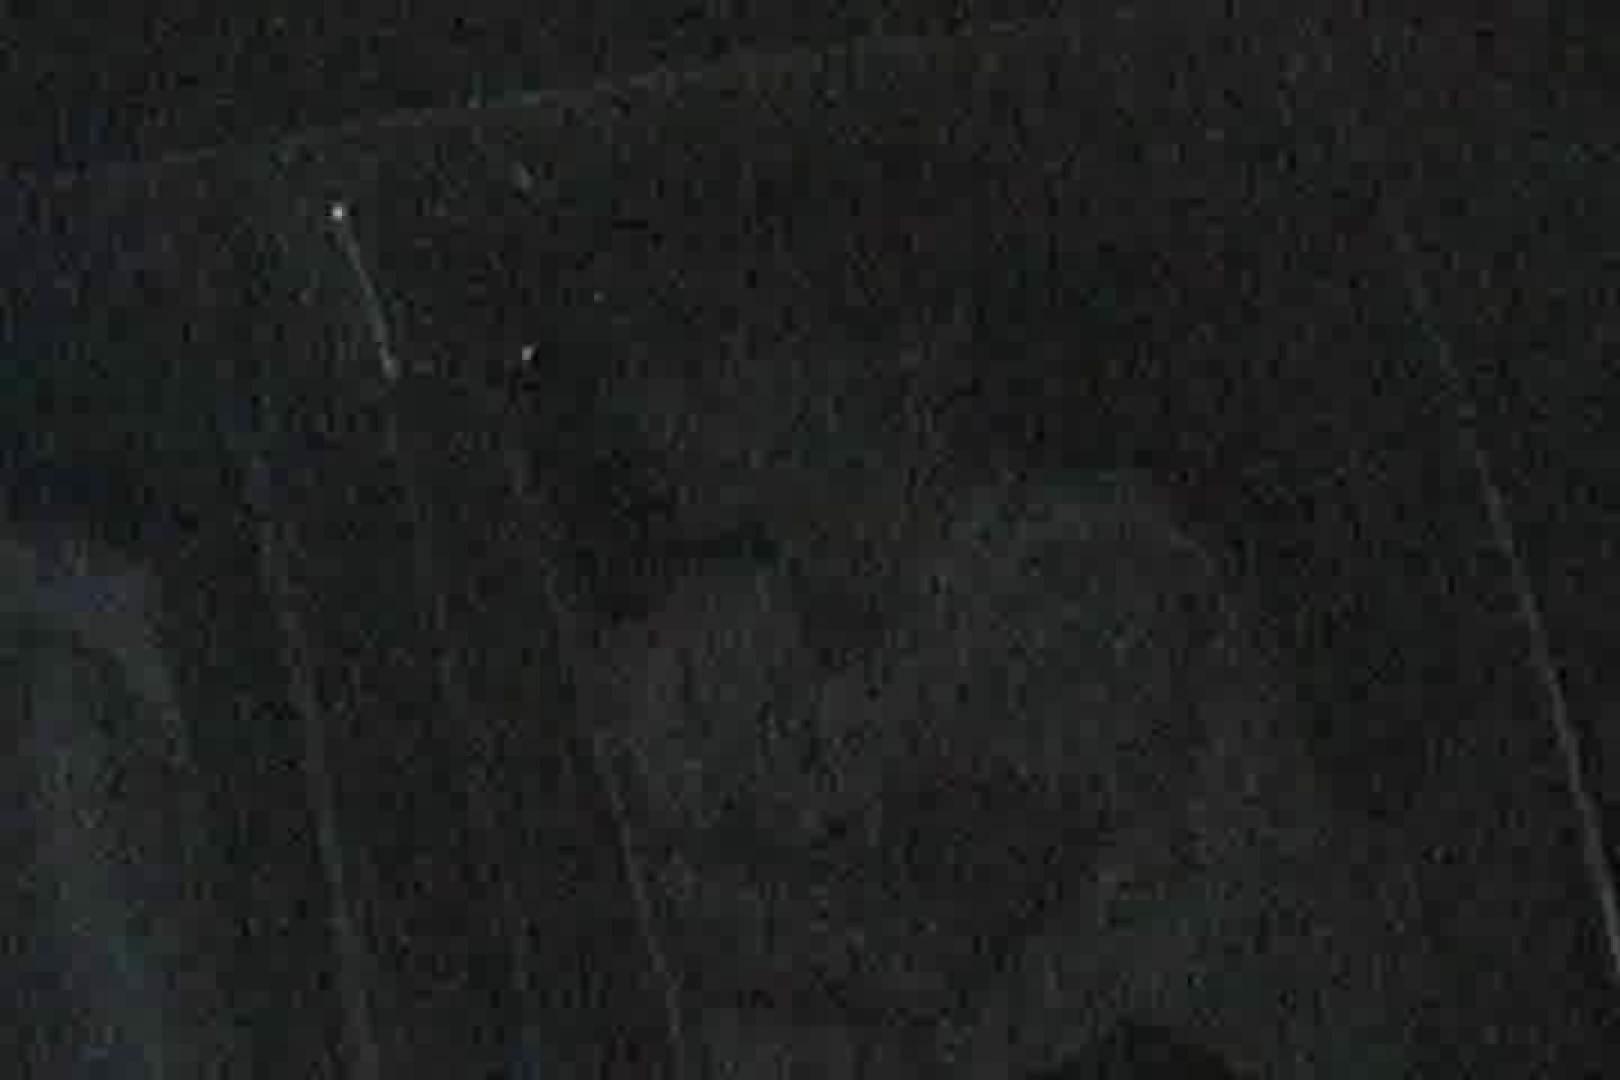 充血監督の深夜の運動会Vol.8 乳首  50連発 15